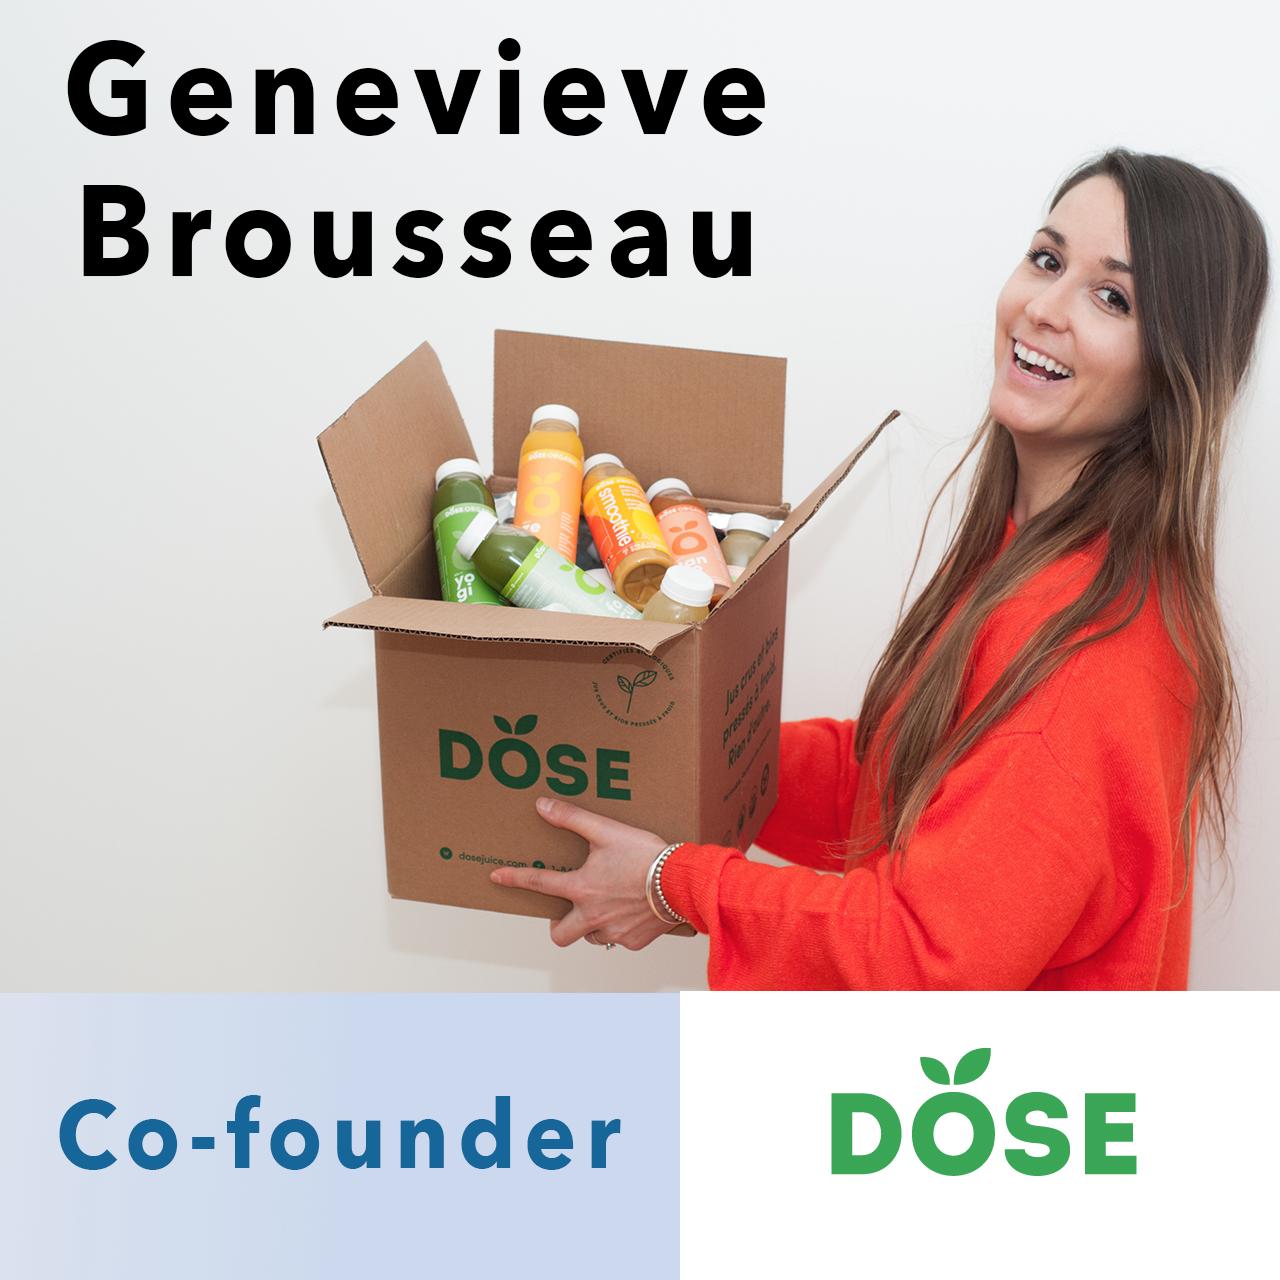 Genevieve Brousseau